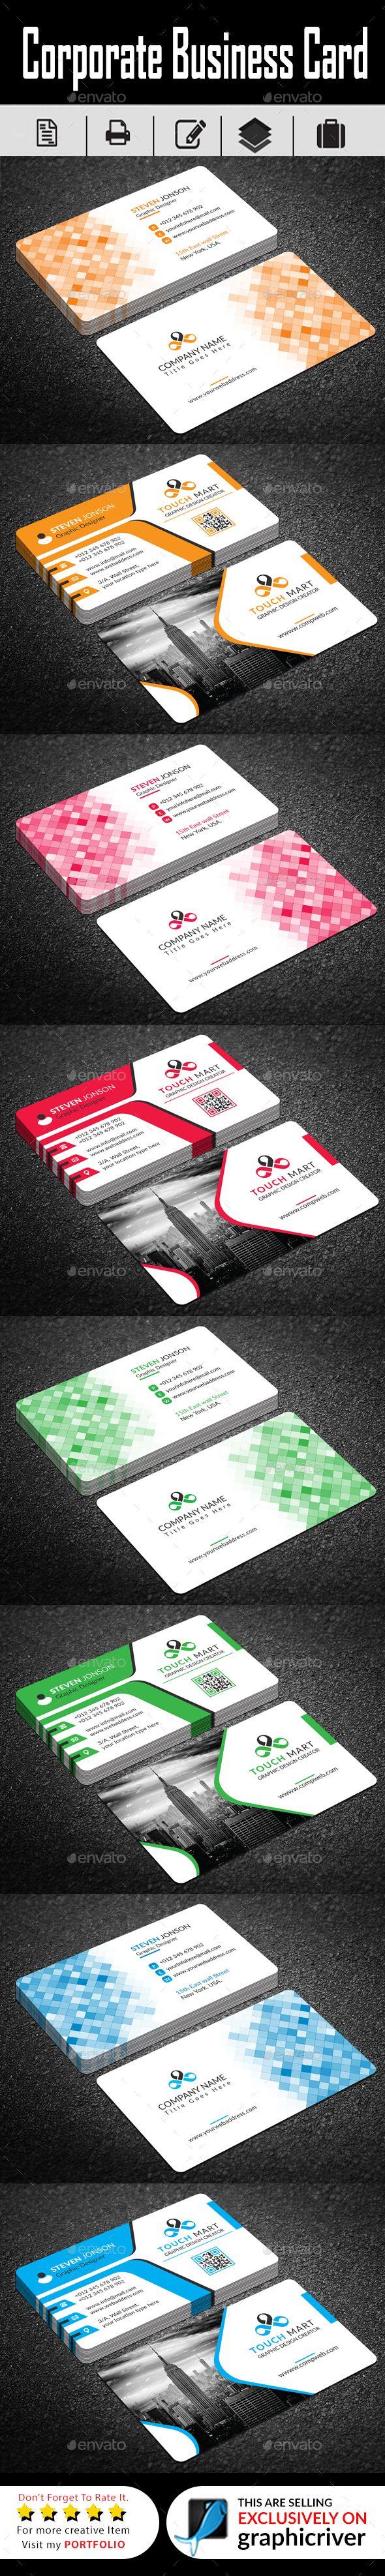 695 best card design images on pinterest